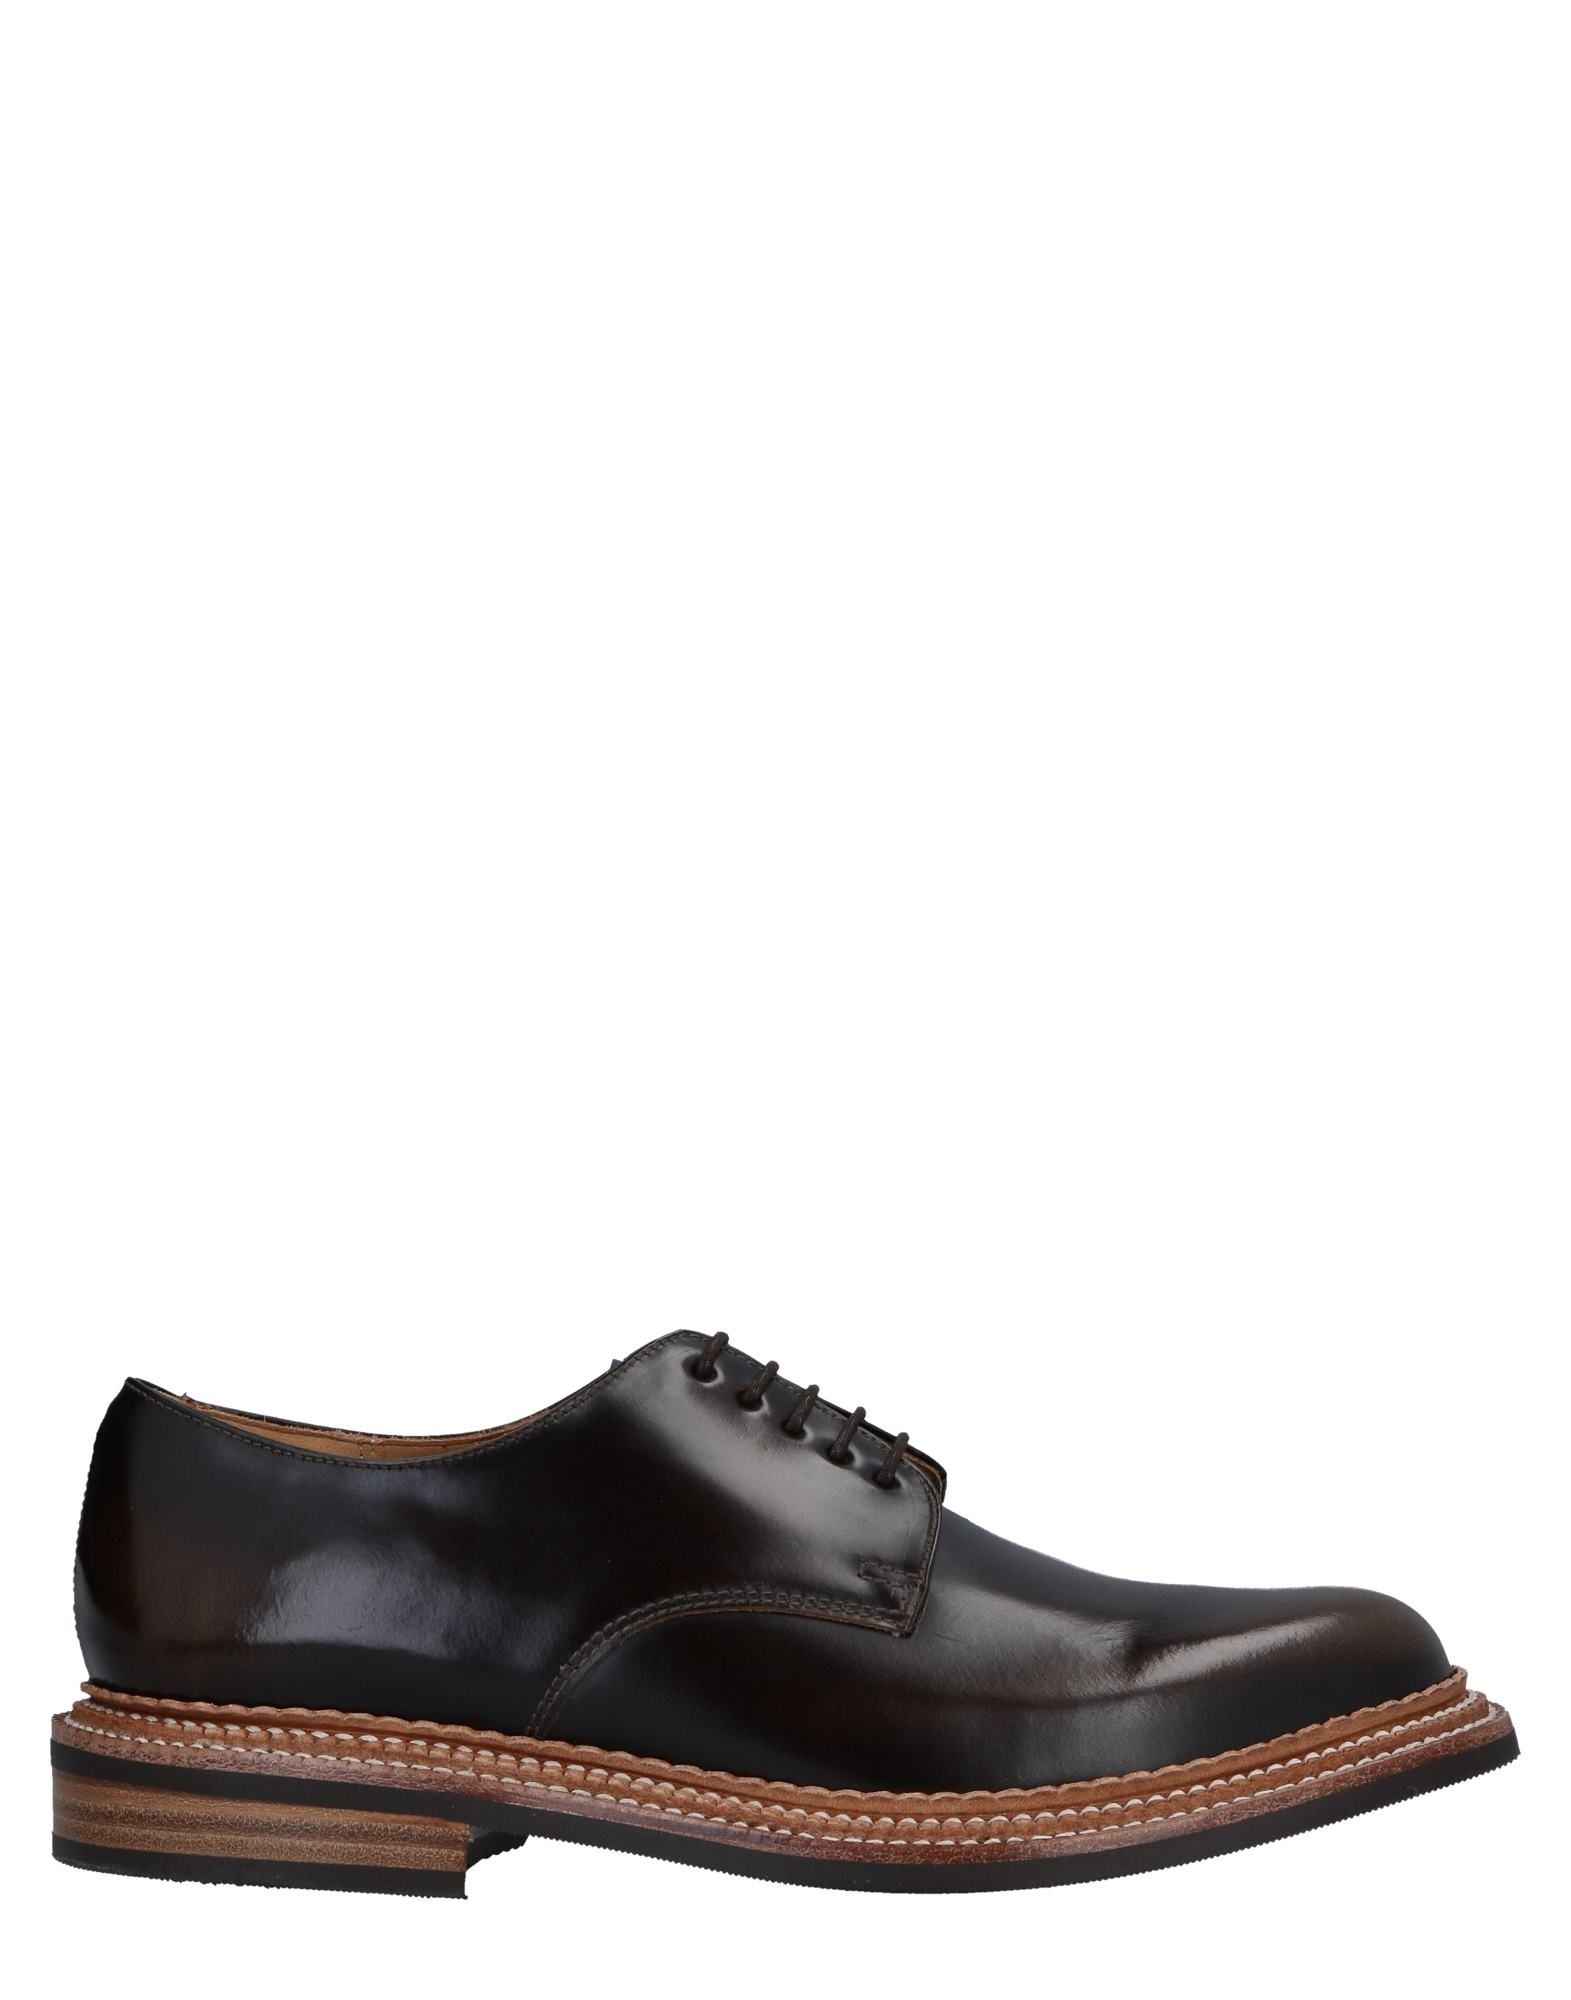 Grenson Schnürschuhe Gute Herren  11507074TX Gute Schnürschuhe Qualität beliebte Schuhe 3af41c